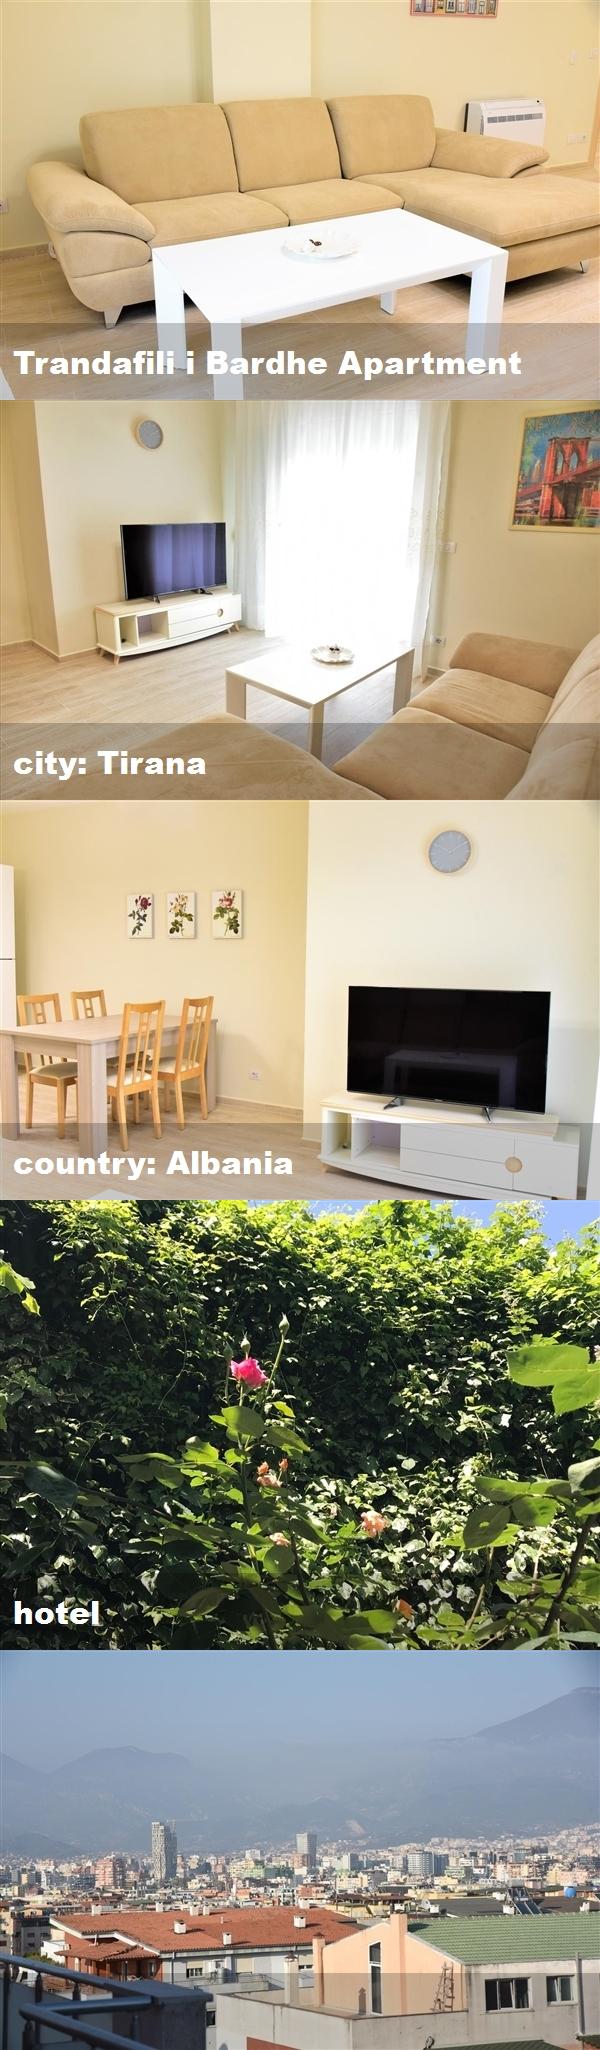 Trandafili I Bardhe Apartment City Tirana Country Albania Hotel Tirana Albania Hotel